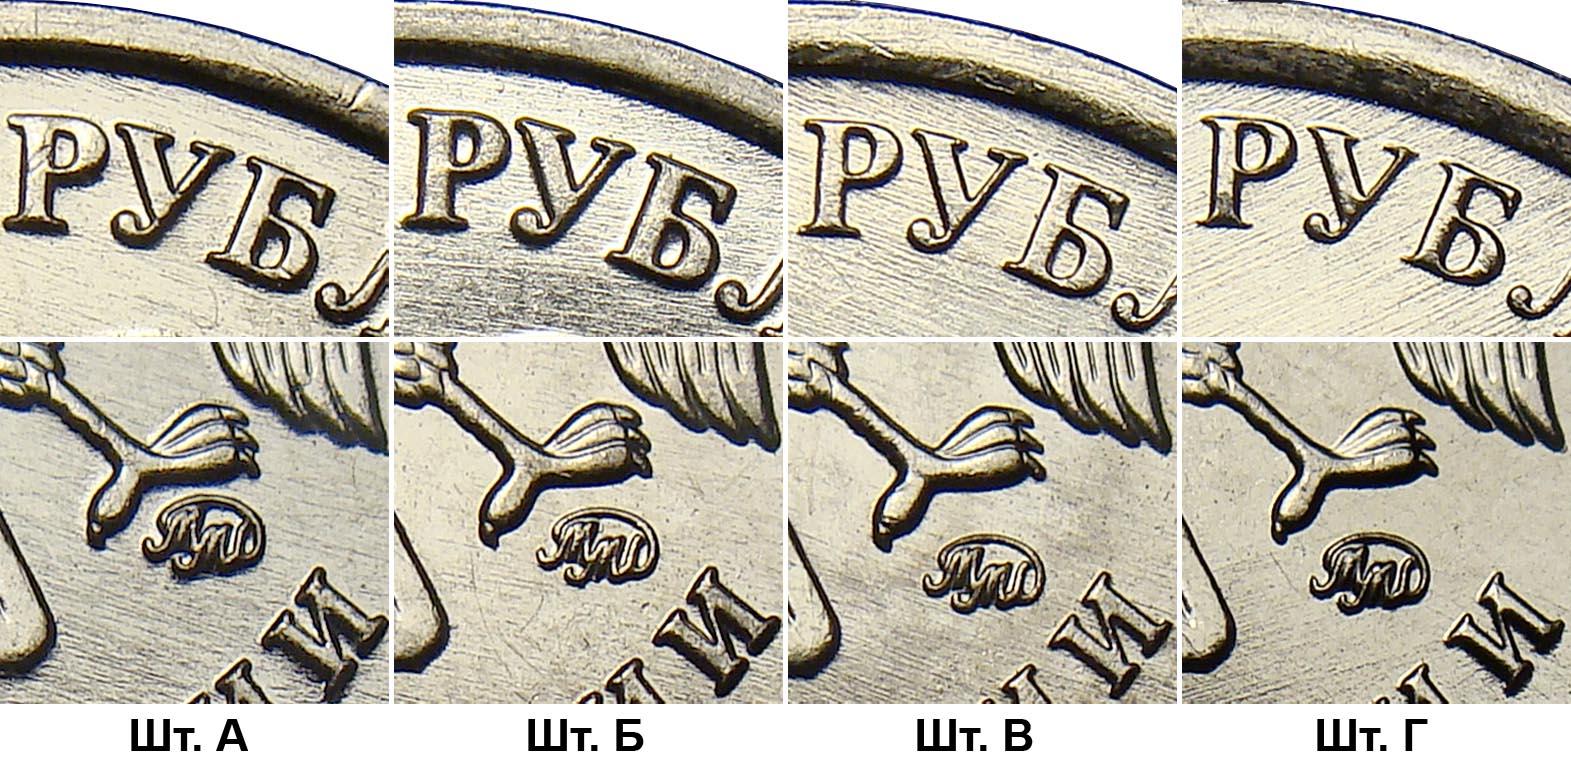 положение монограммы ММД на 1 рубле 2009 года, шт.А, шт.Б, шт.В и шт.Г по АС